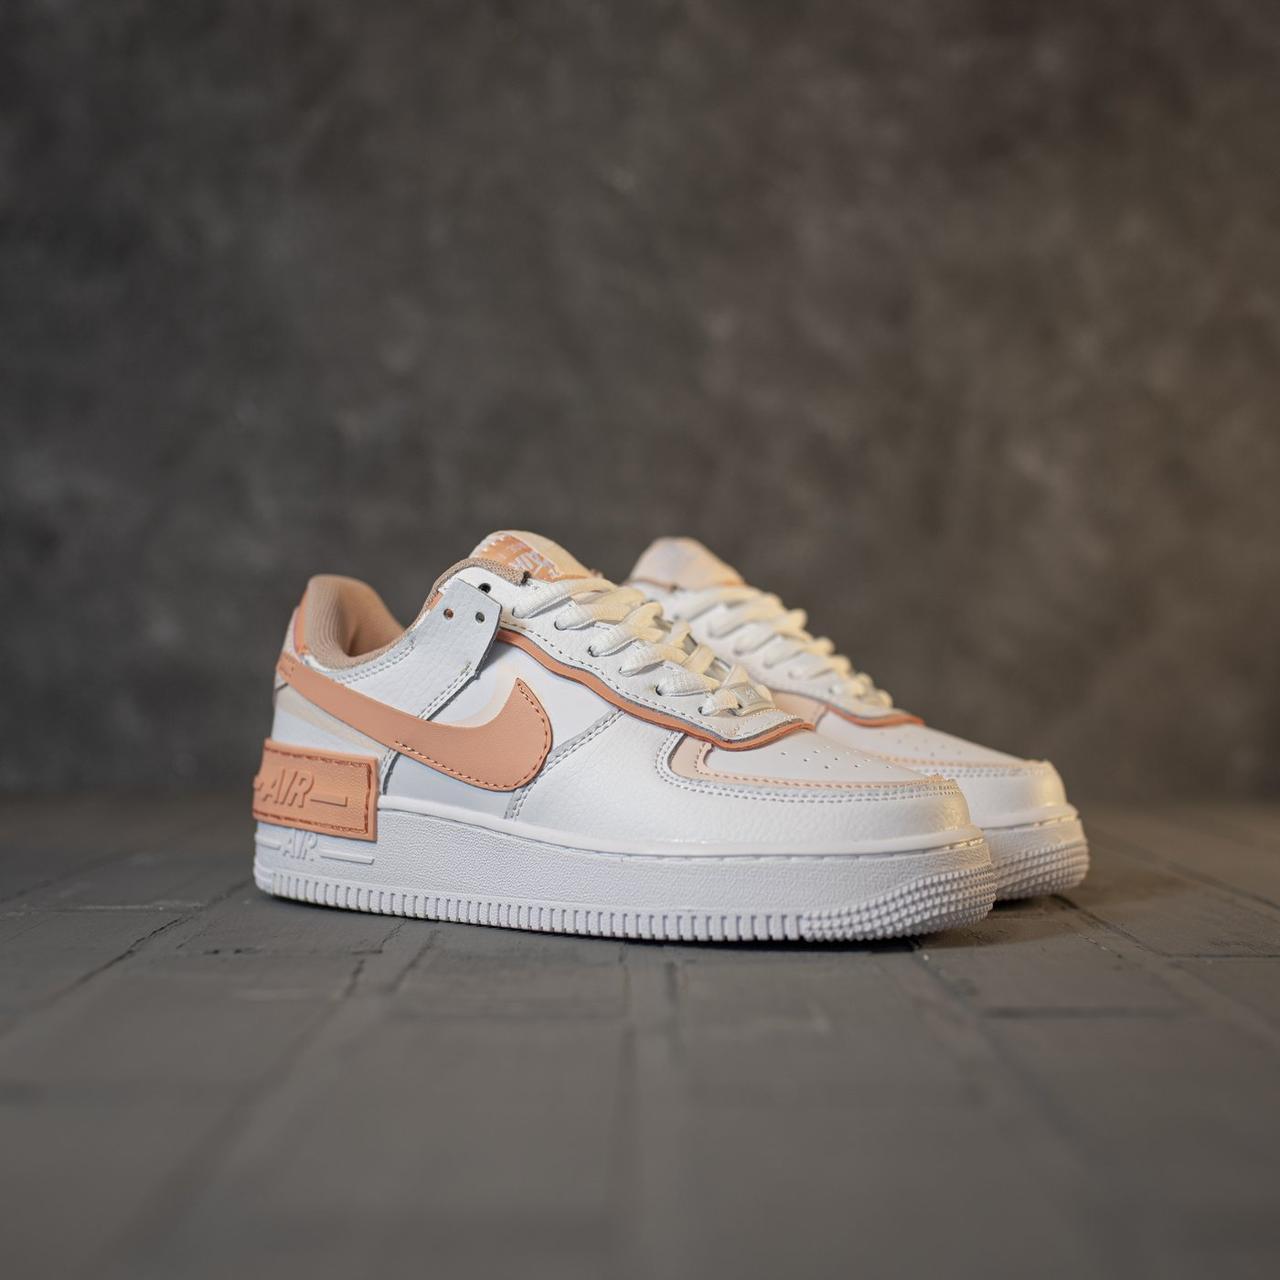 Кроссовки женские Nike Air Force 1 в стиле Найк Форсы Белые/Оранжевые (Реплика ААА+)